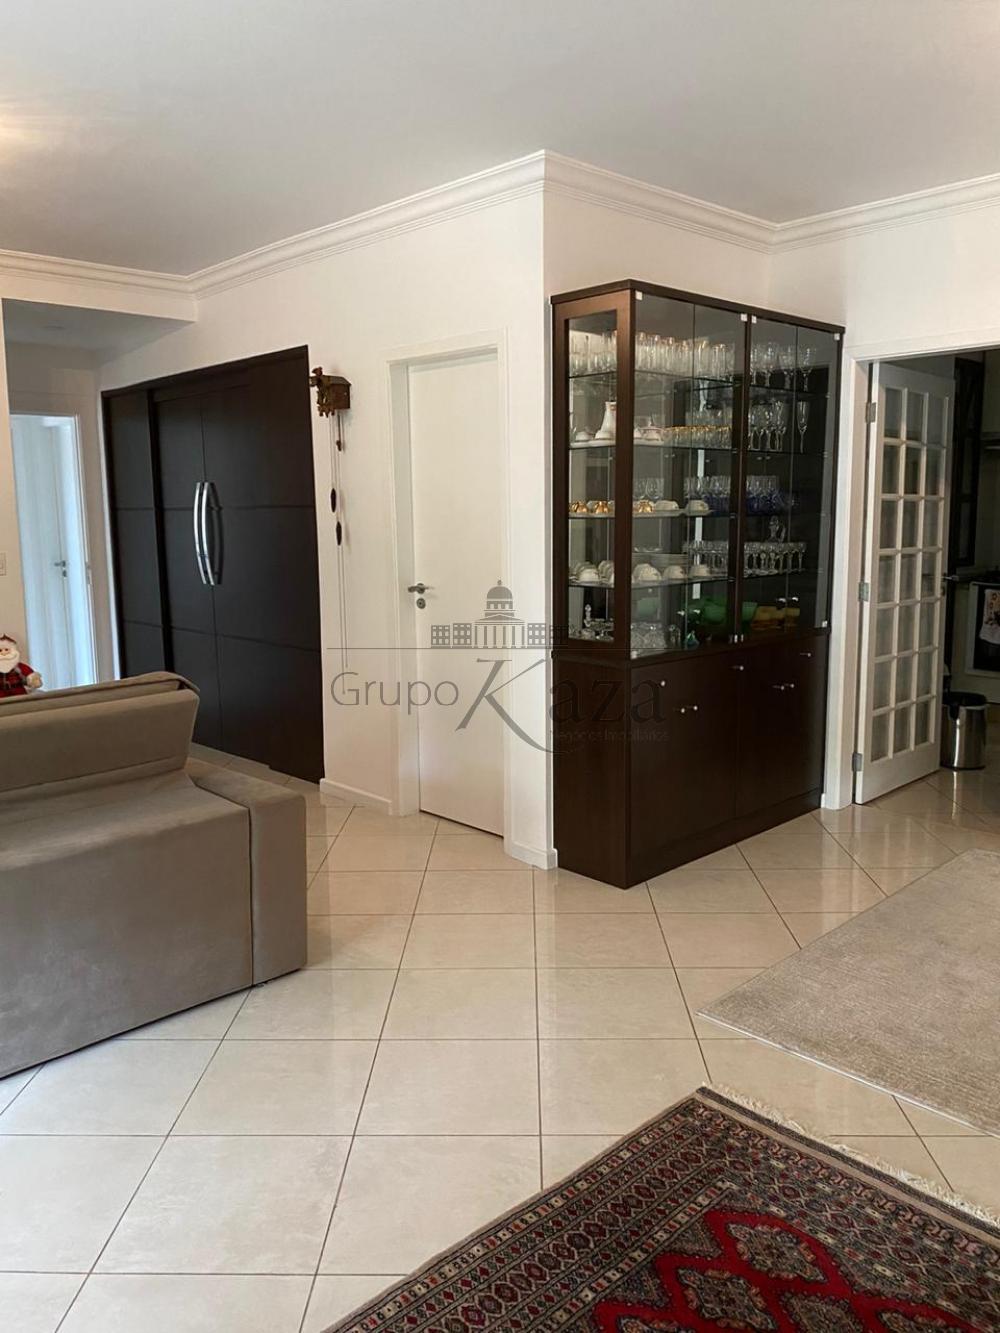 alt='Comprar Apartamento / Padrão em São José dos Campos R$ 930.000,00 - Foto 3' title='Comprar Apartamento / Padrão em São José dos Campos R$ 930.000,00 - Foto 3'